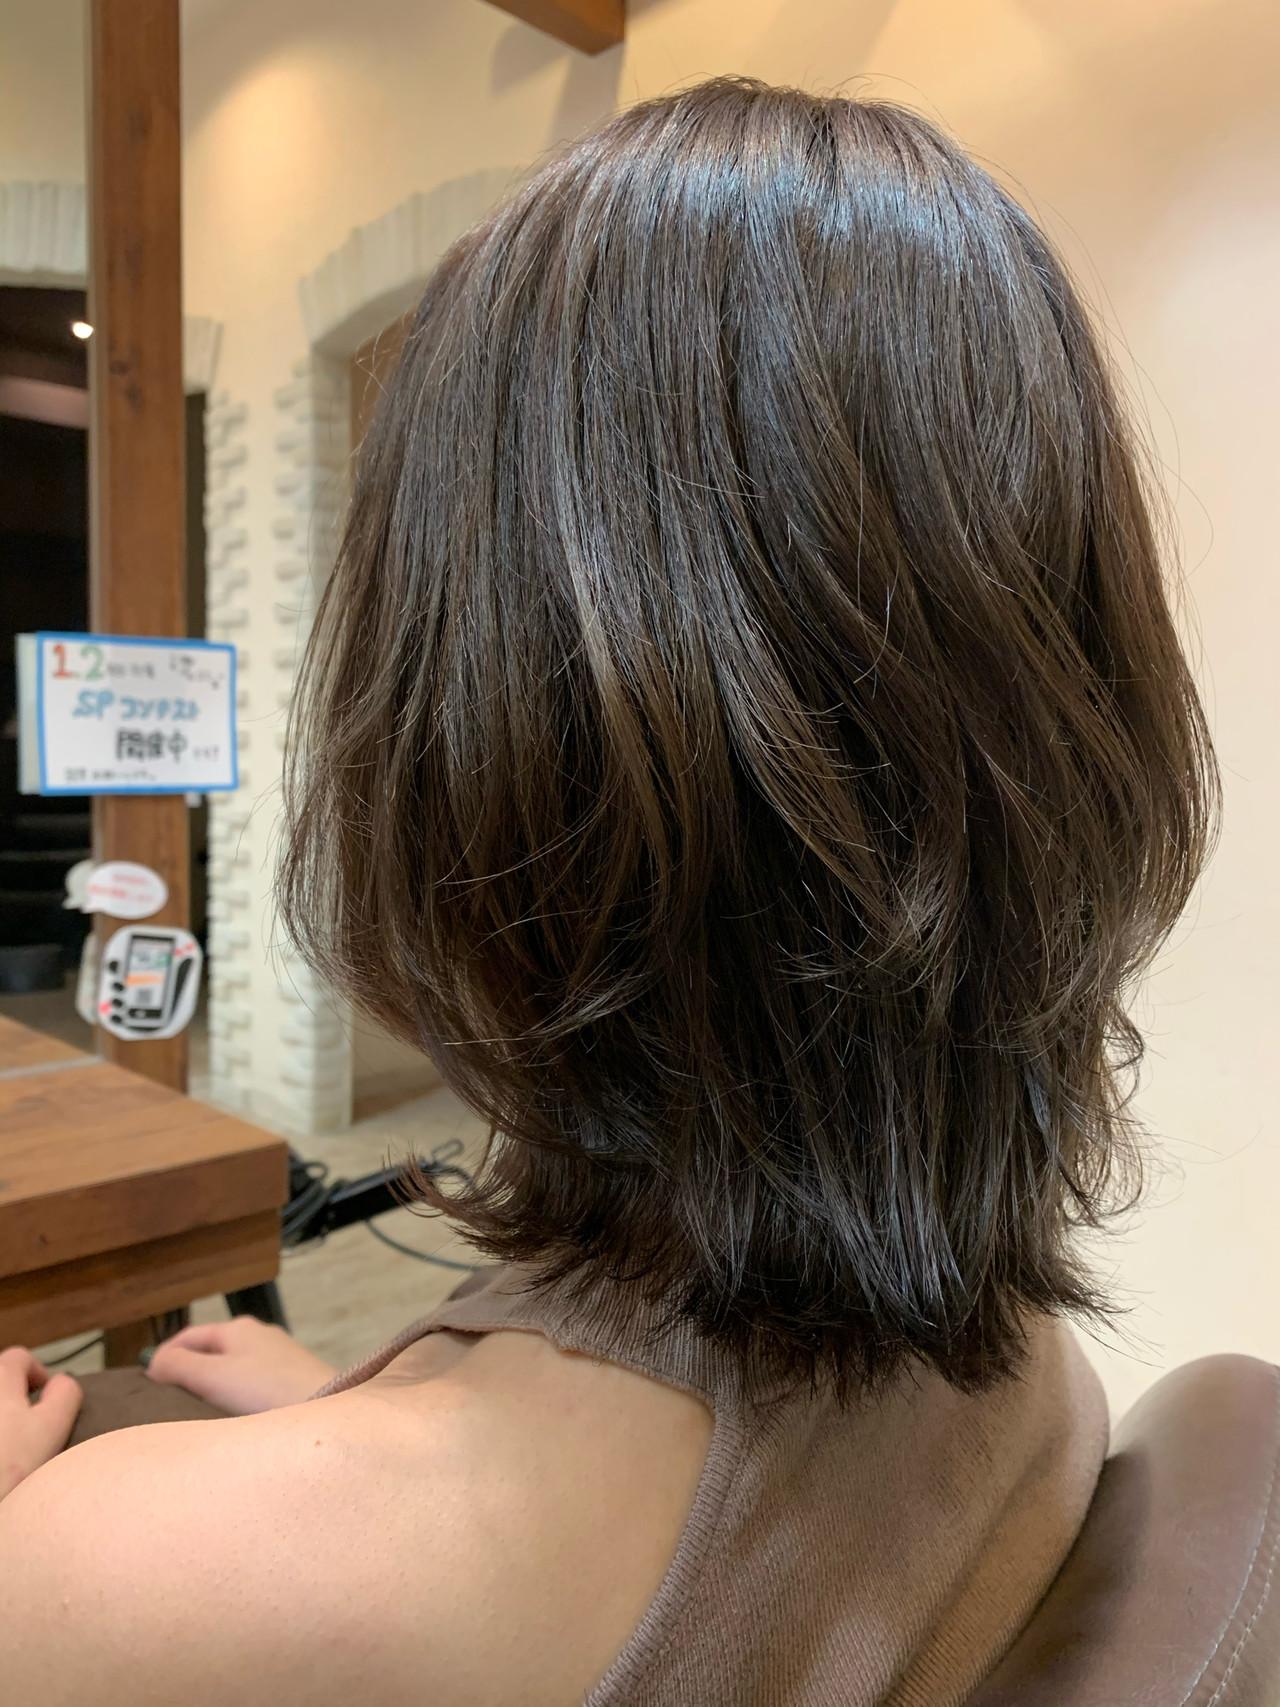 ミディアムヘアー 大人ミディアム 秋冬スタイル ミディアムレイヤー ヘアスタイルや髪型の写真・画像